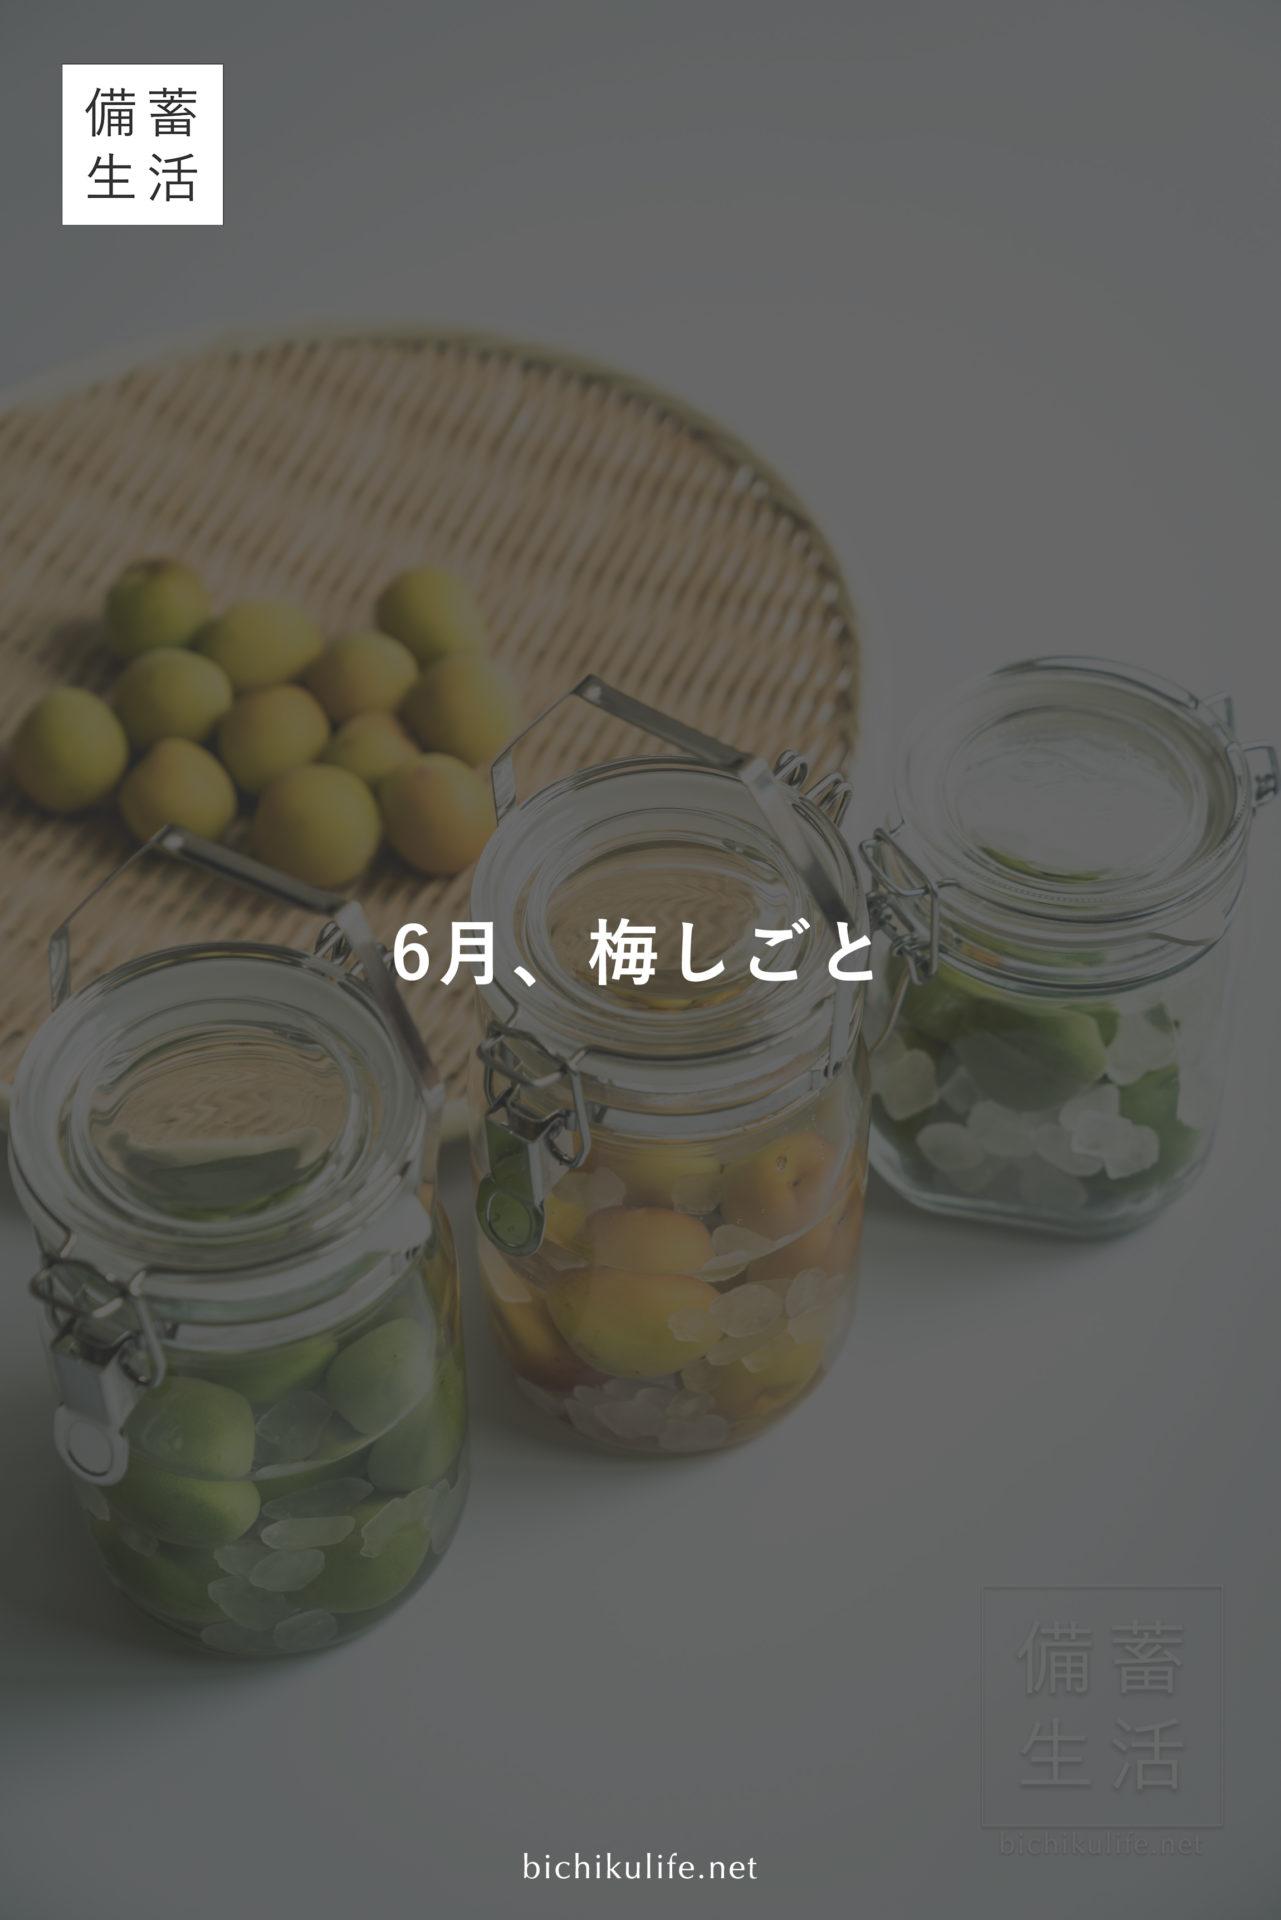 梅しごと はじめました Japanese apricot